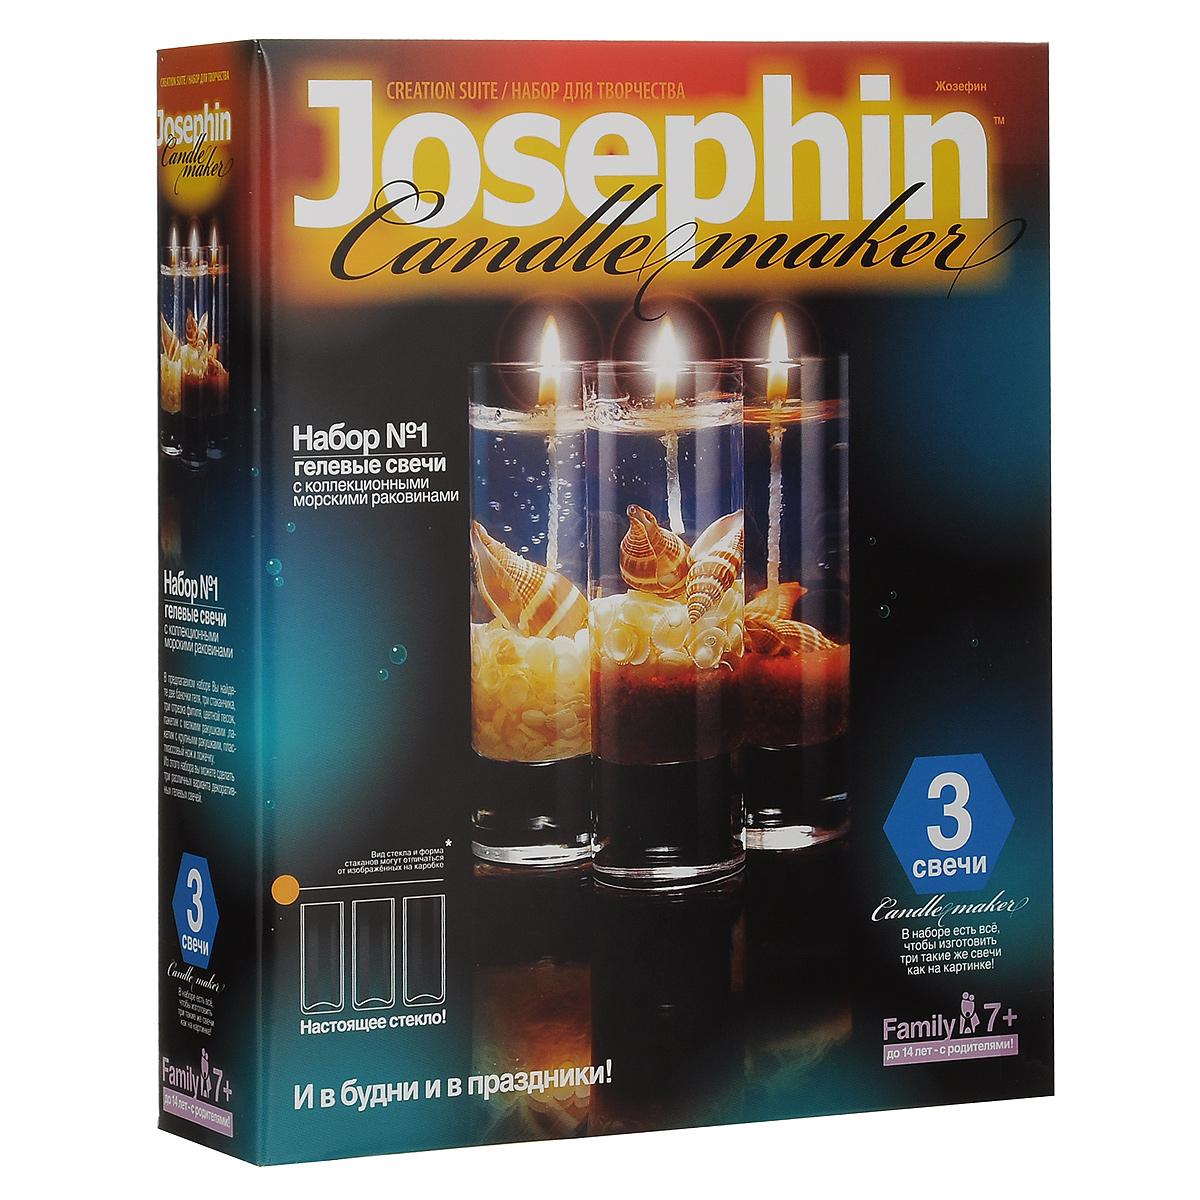 Набор для изготовления гелевых свечей с морскими раковинами Josephin №1274011В наборе для изготовления гелевых свечей Josephin №1 вы найдете две баночки геля, три стаканчика, три отрезка фитиля, цветной песок, пакетик с мелкими ракушками, пакетик с крупными ракушками, пластмассовый нож, ложечку и подробную инструкцию по работе с набором. Из этого набора вы сможете изготовить три различных варианта декоративных гелевых свечей. Кто не мечтал о своем маленьком свечном заводике? Вот он! Праздник, семейное торжество или обычный день - набор отлично подойдет для подарка, для эксклюзивно изготовленного украшения праздника или просто позволит увлекательно и уютно провести вечер в семейном кругу. Это своего рода соревнование в фантазии и вкусе, изобретательности и декоративном таланте. Огромное количество всевозможных узоров, красок, эффектов. Создай свою коллекцию! Детям до 14 лет под присмотром родителей.